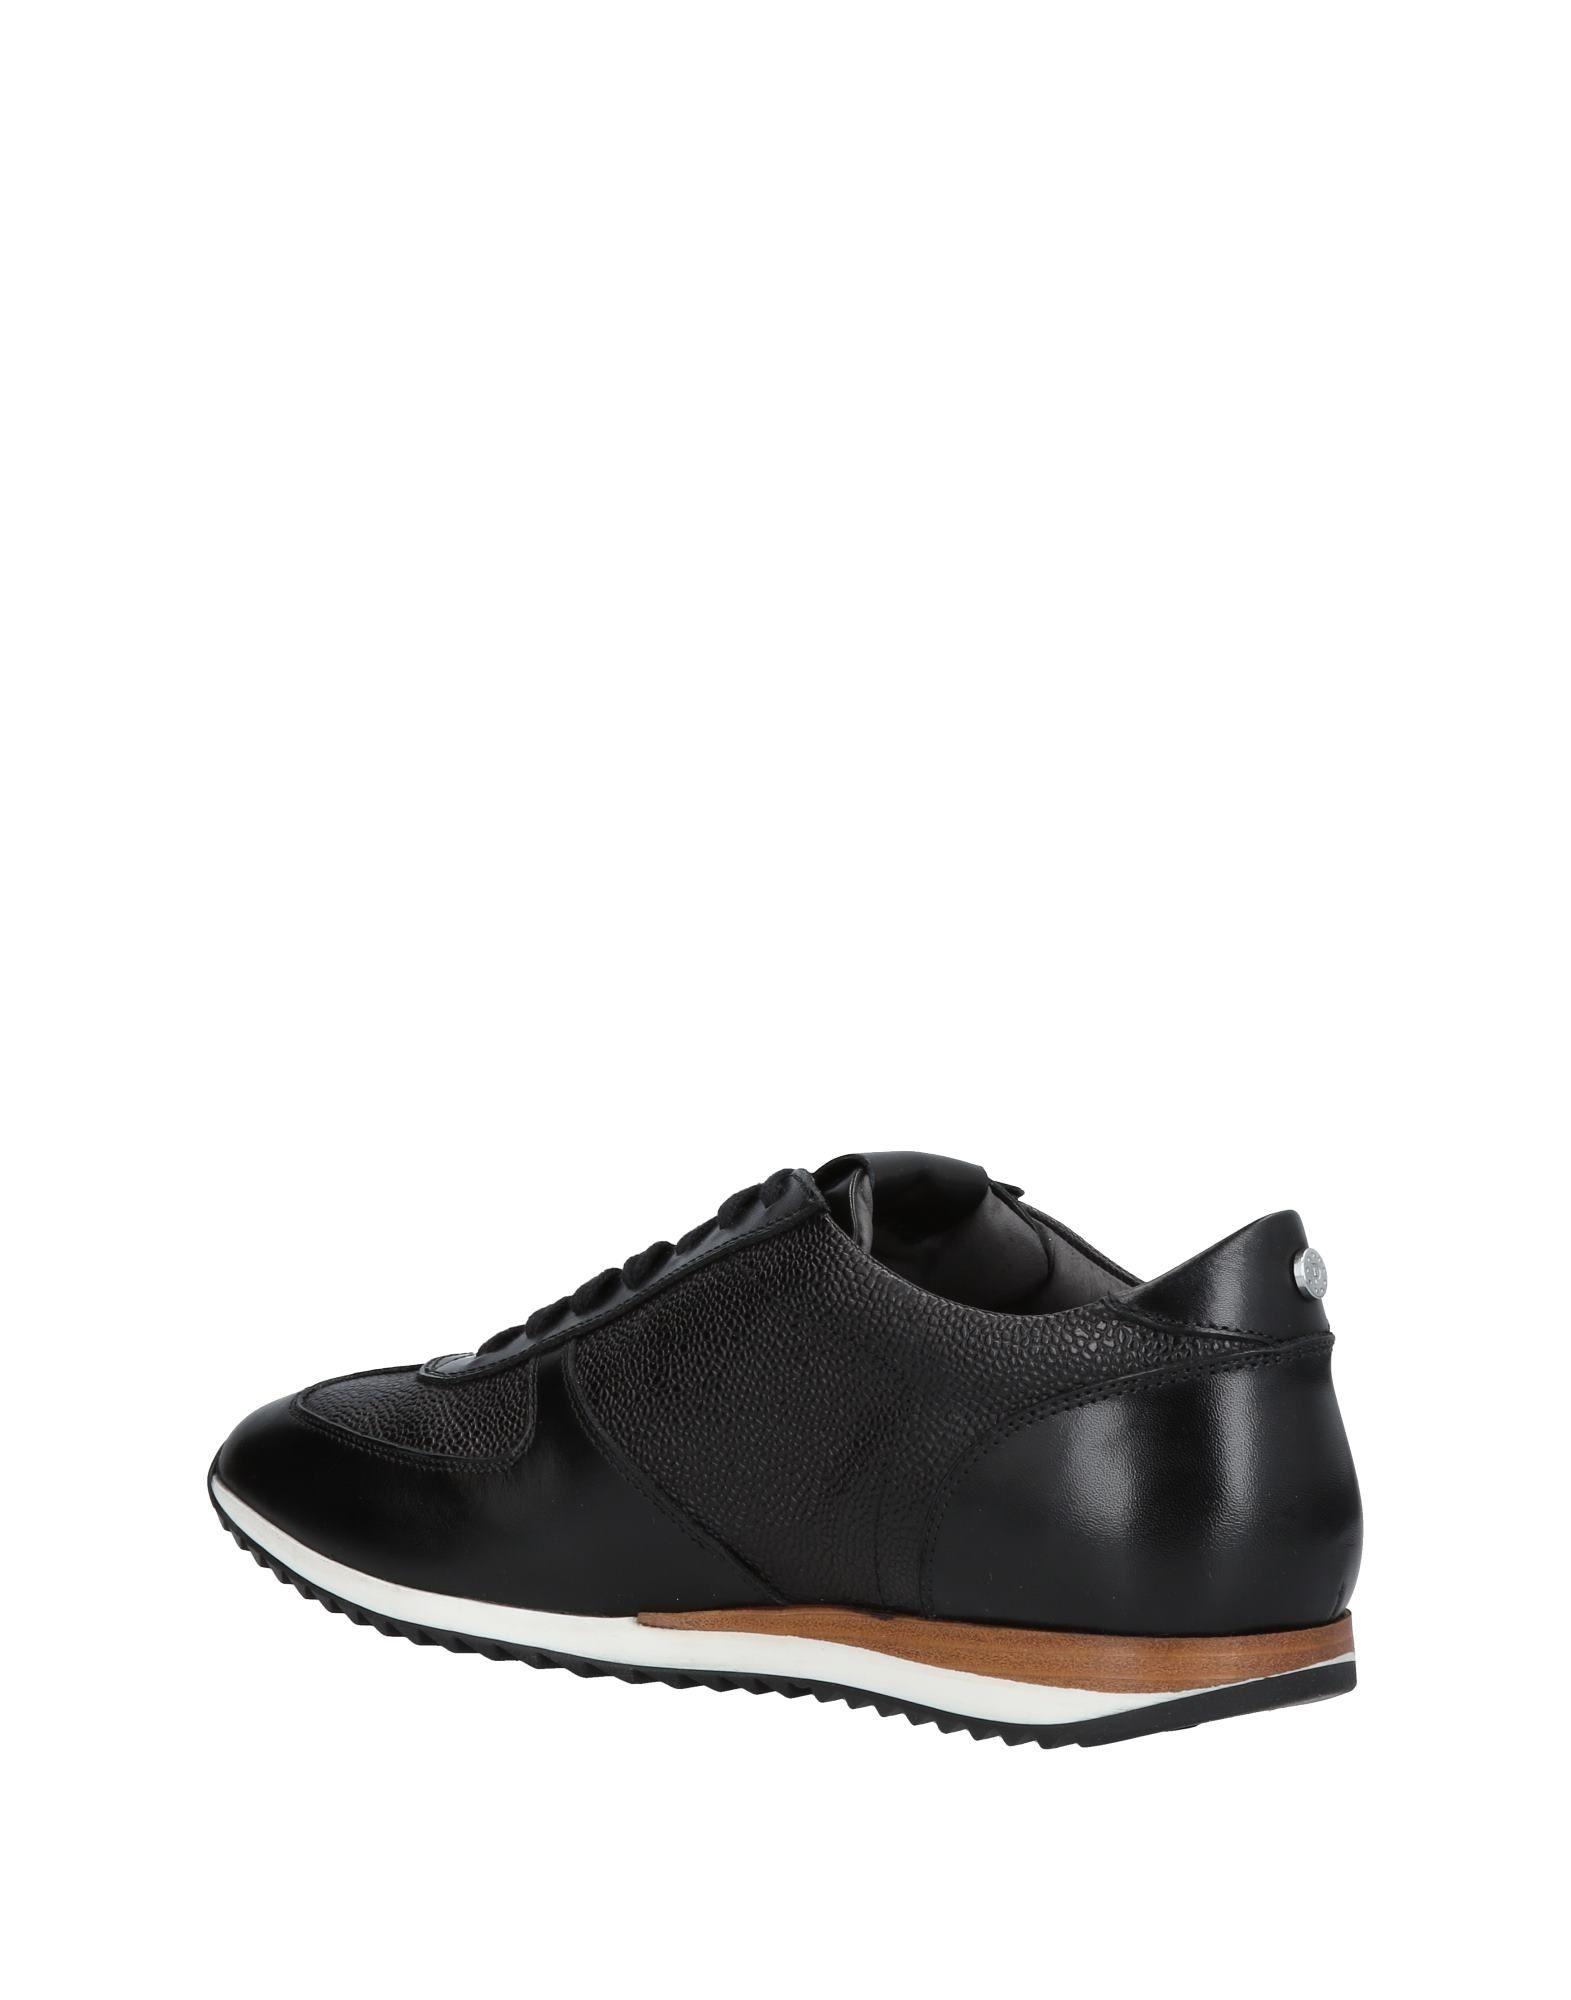 Pollini Sneakers Sneakers Pollini Herren  11448100IC 761d4f